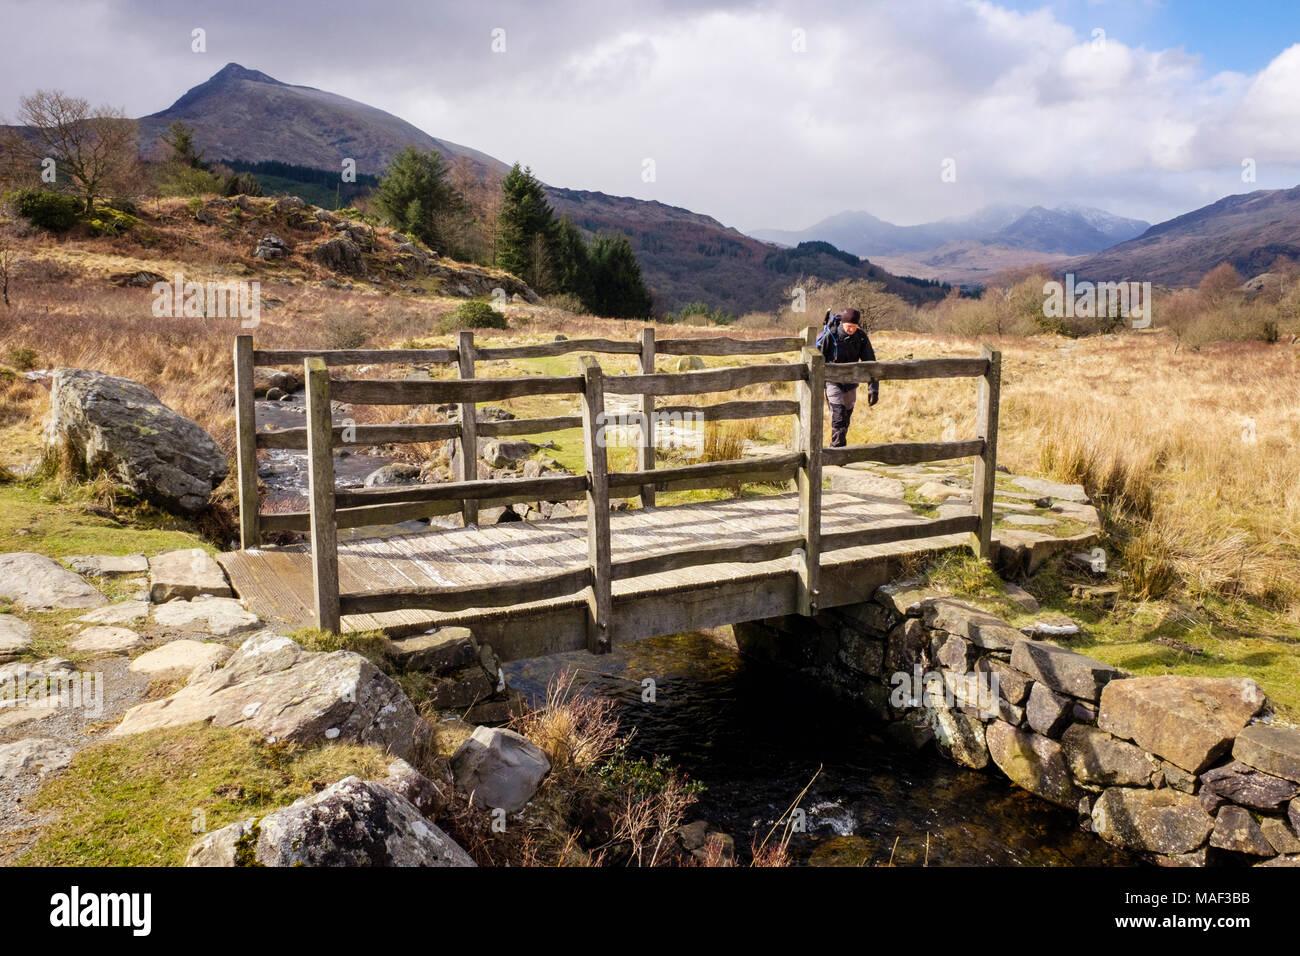 Escursionista in un paese a piedi avvicinando passerella in legno che attraversa un flusso su un sentiero nel Parco Nazionale di Snowdonia. Capel Curig Conwy Wales UK Gran Bretagna Immagini Stock